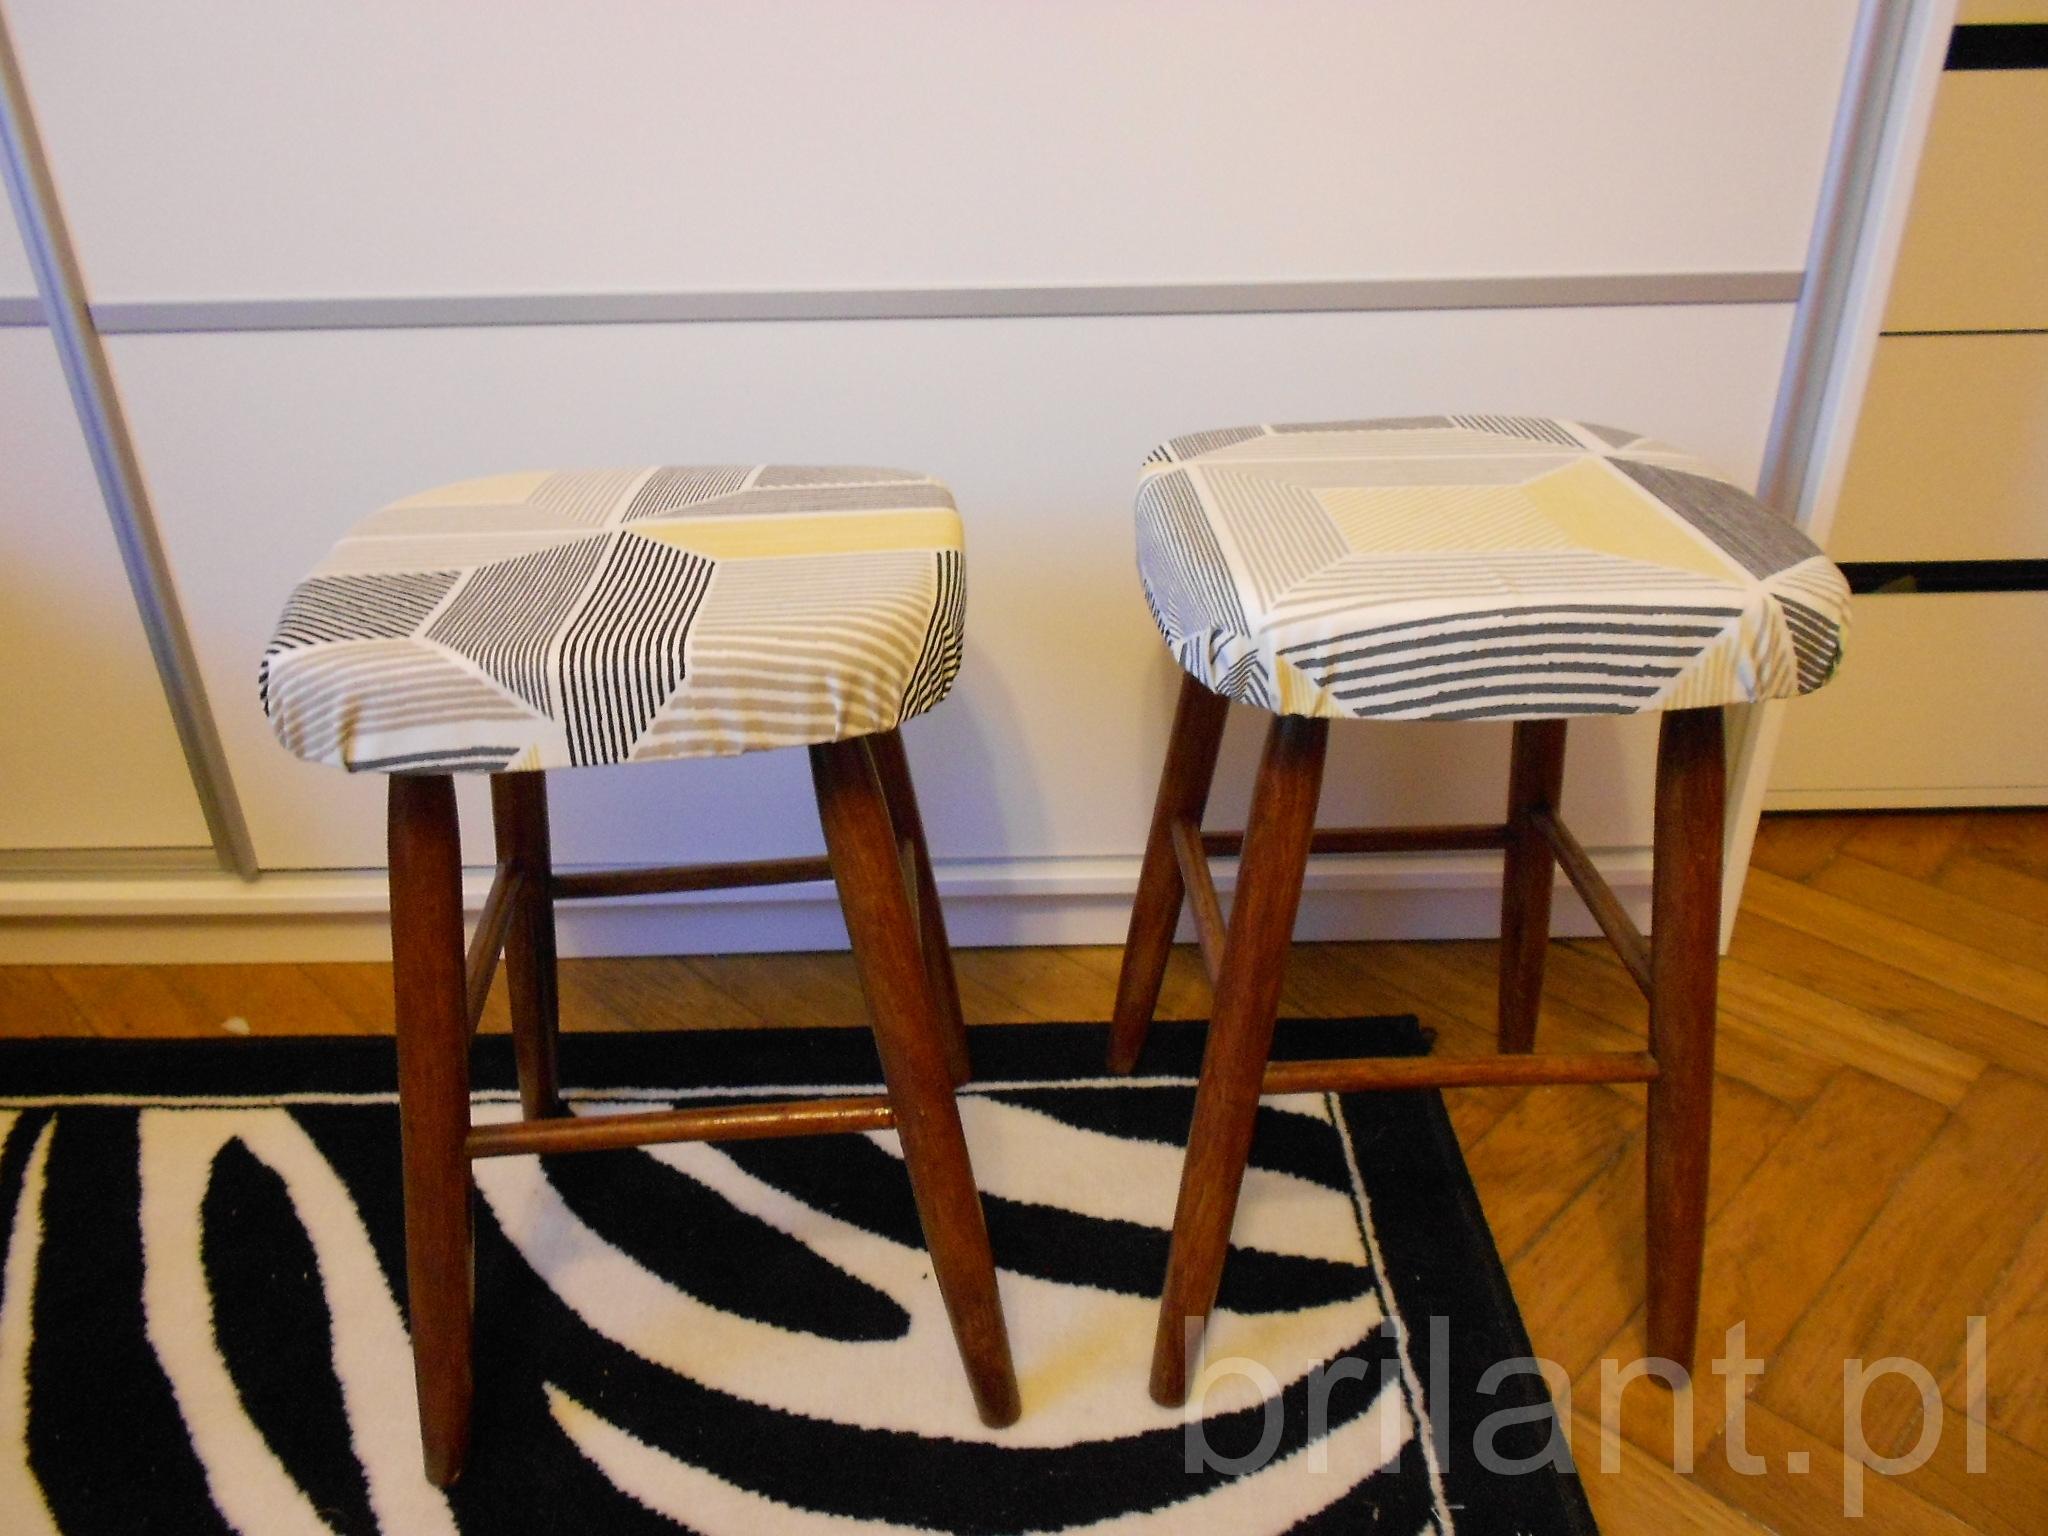 Renowacja stołków